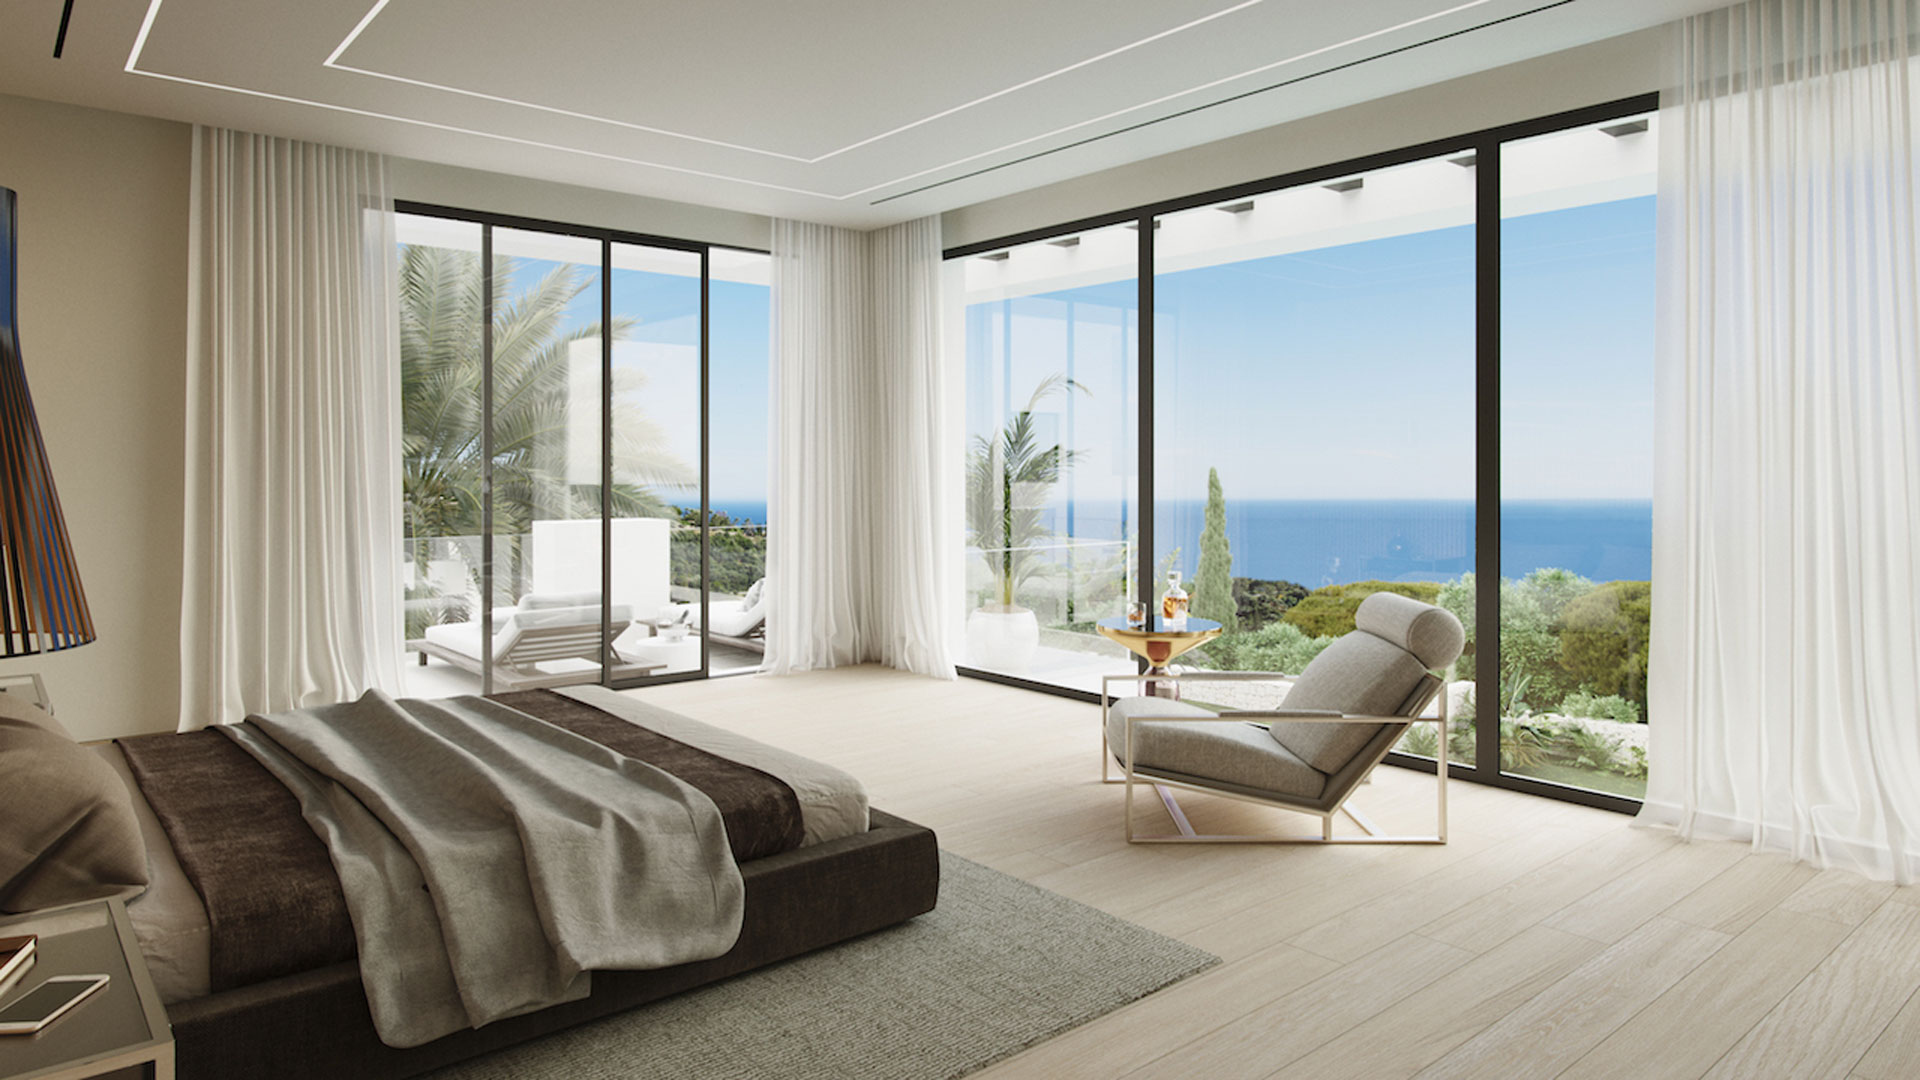 casa-sonada-villa-marbella-157a-bedroom-1